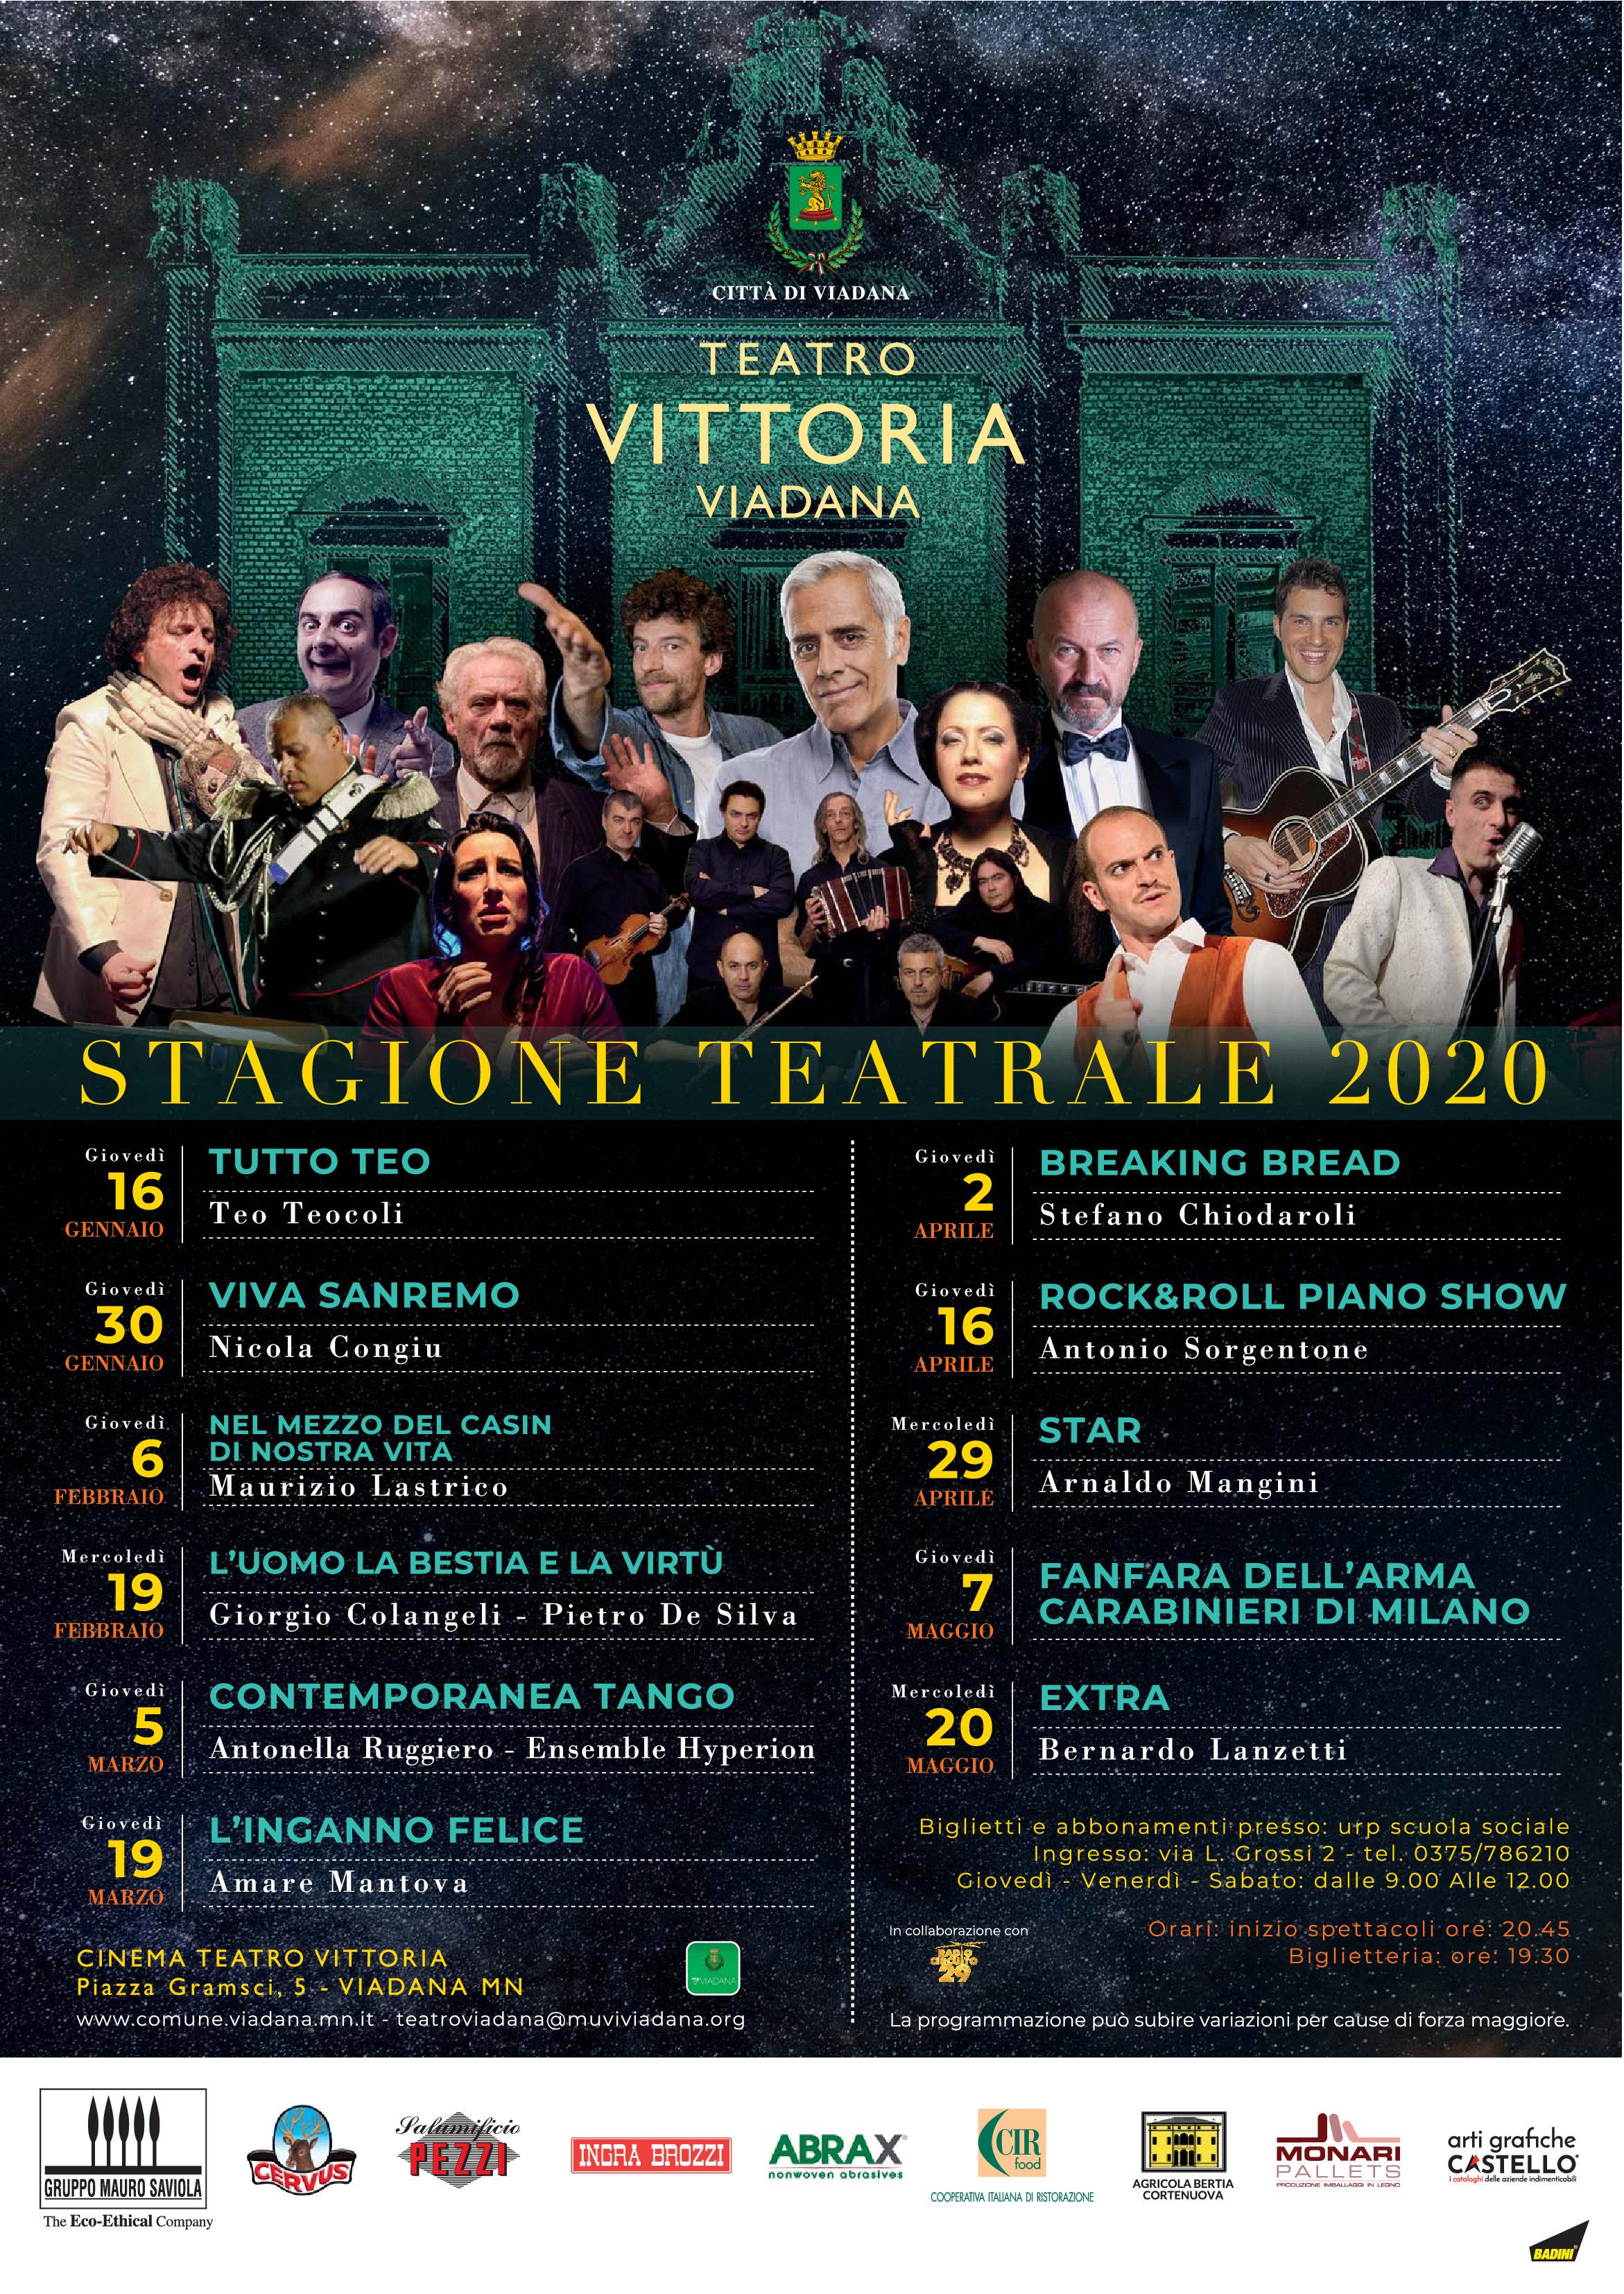 14/01/2020 - MAURIZIO LASTRICO